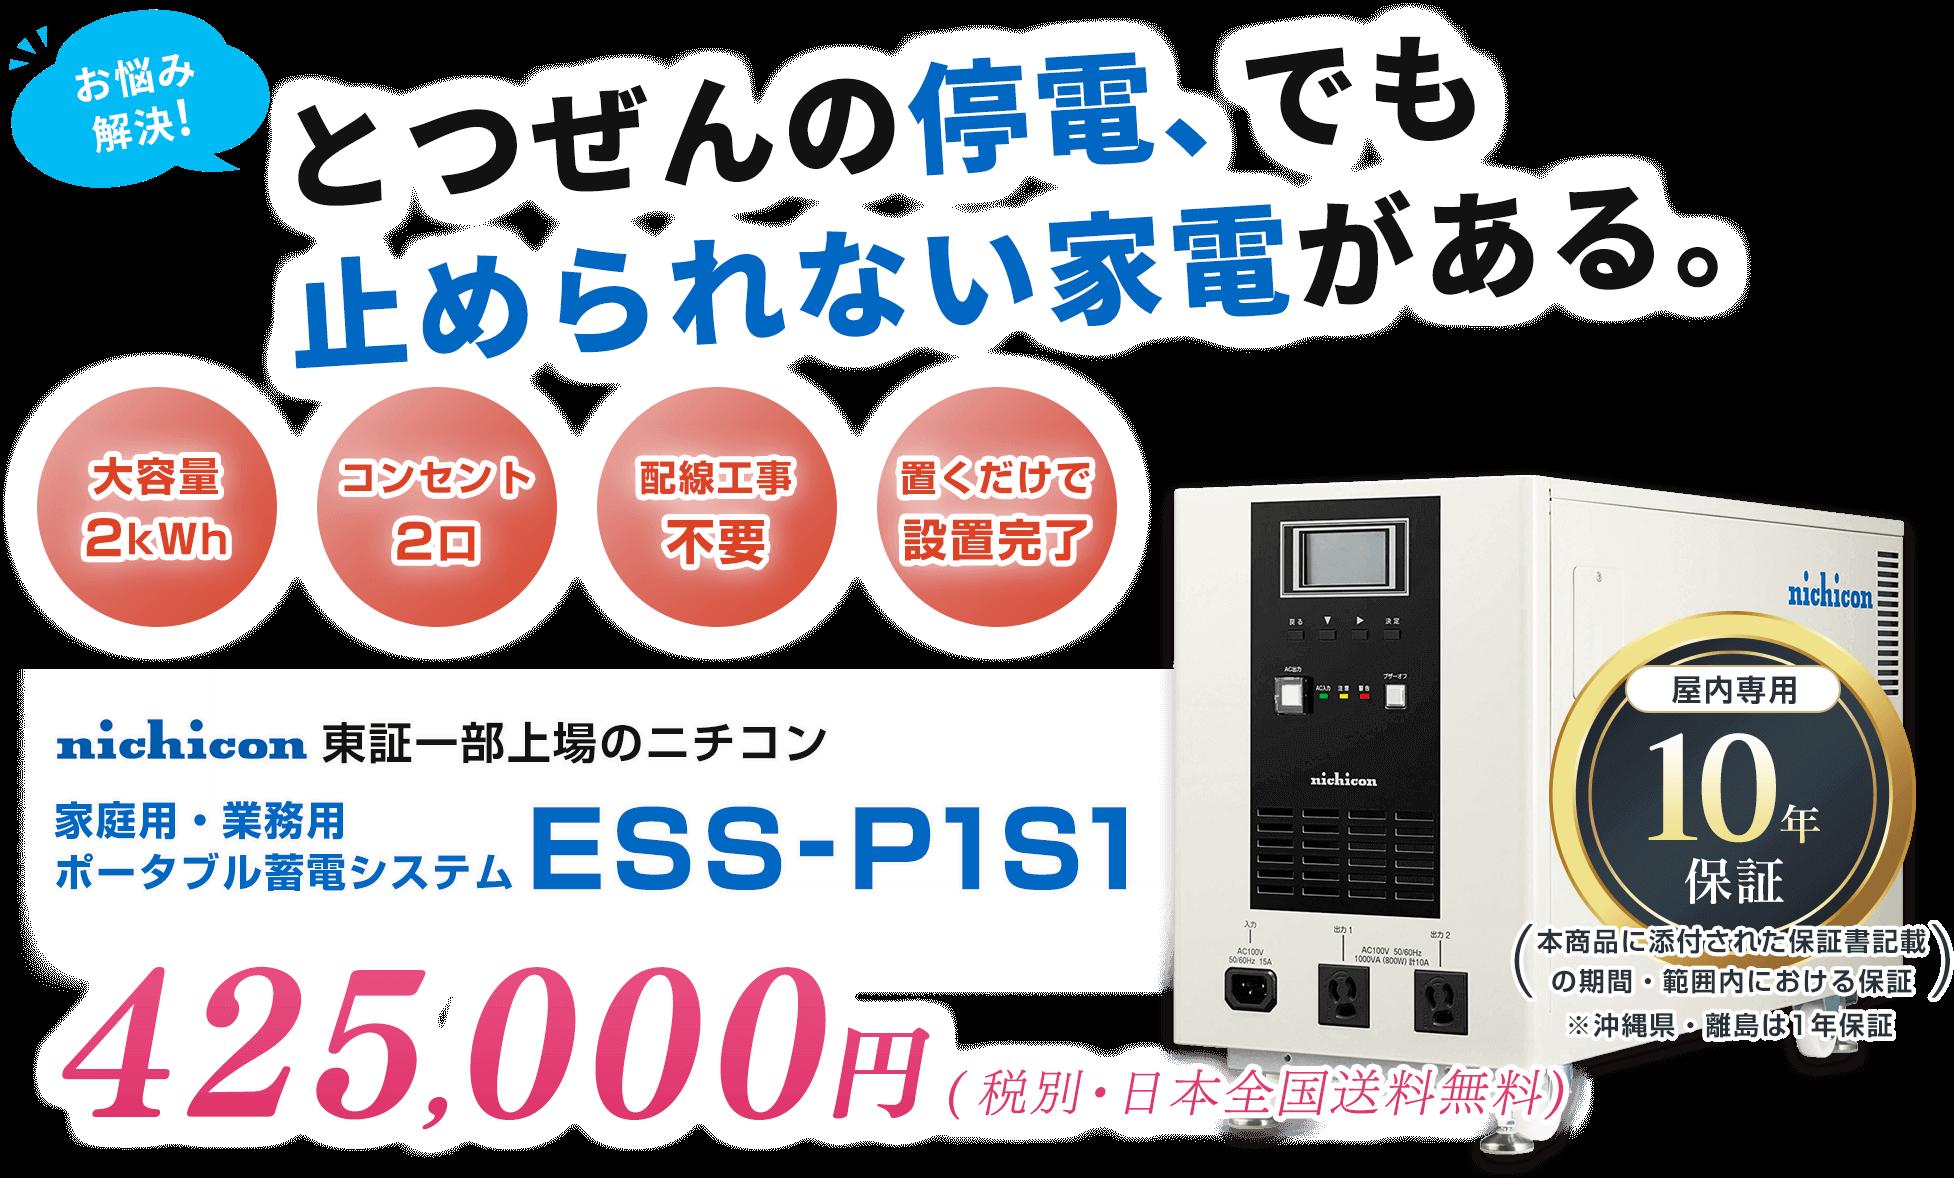 東証一部上場のニチコン 家庭用・業務用ポータブル蓄電システム ESS-P1S1 425,000円(税別・日本全国送料無料)